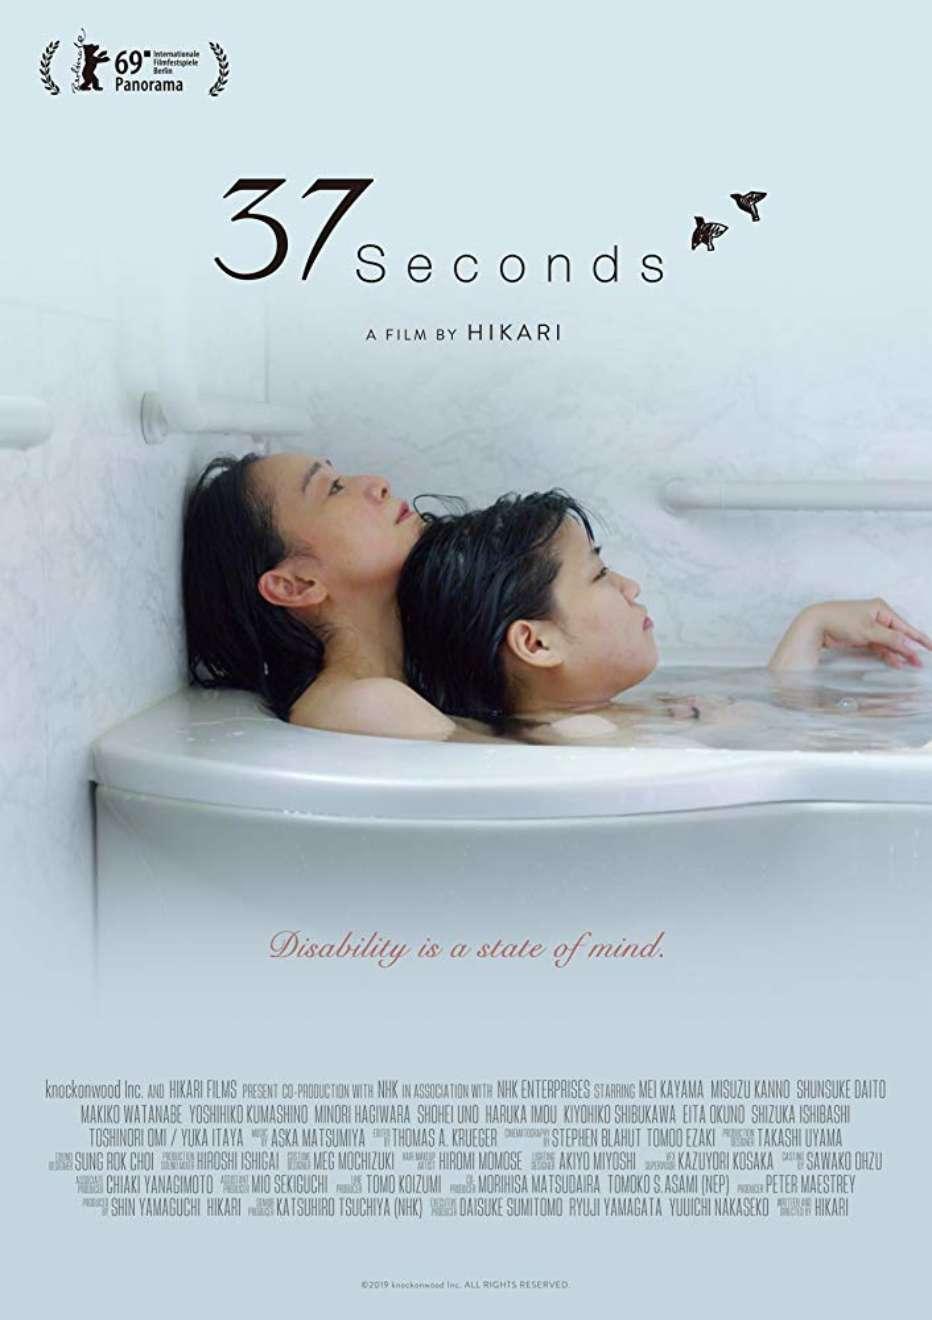 37-seconds-2019-hikari-poster.jpg